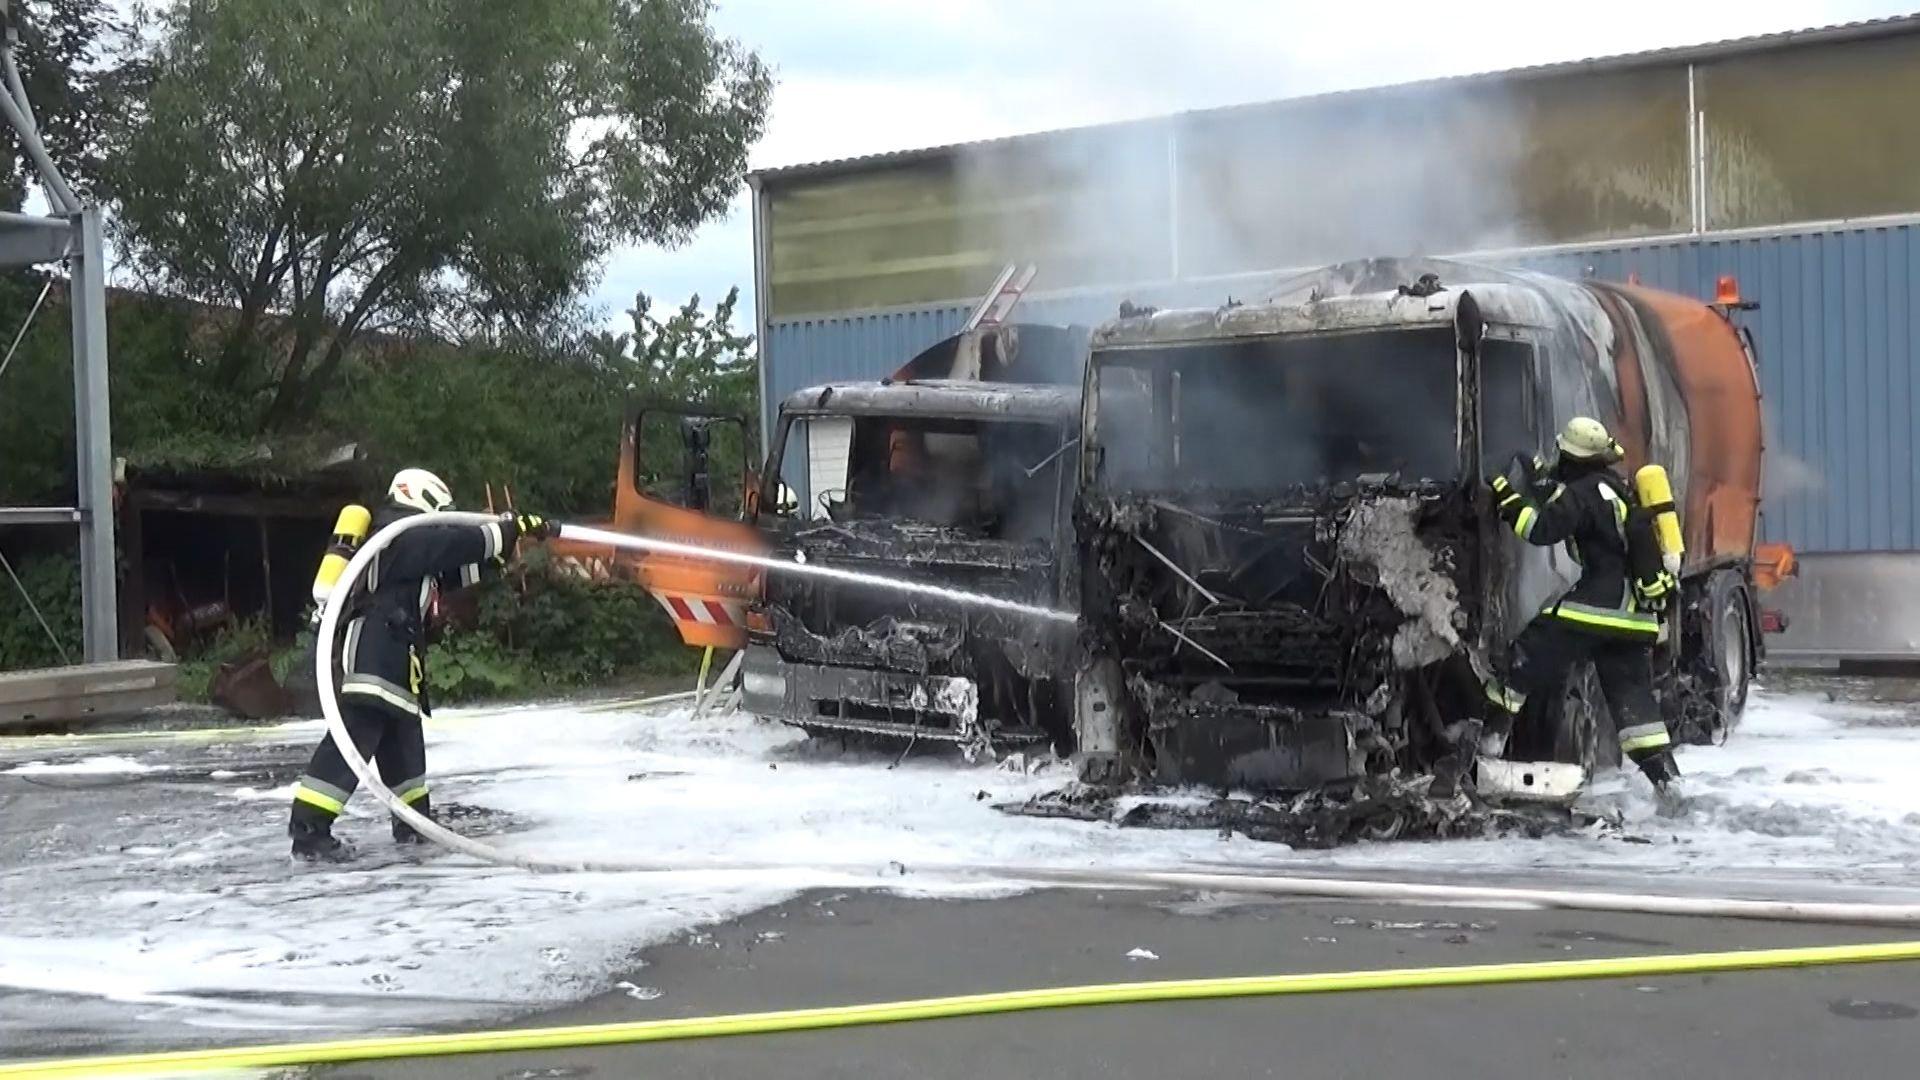 Drei Straßenreinigungsfahrzeuge fingen am Sonntagvormittag Feuer - zwei davon brannten komplett aus.